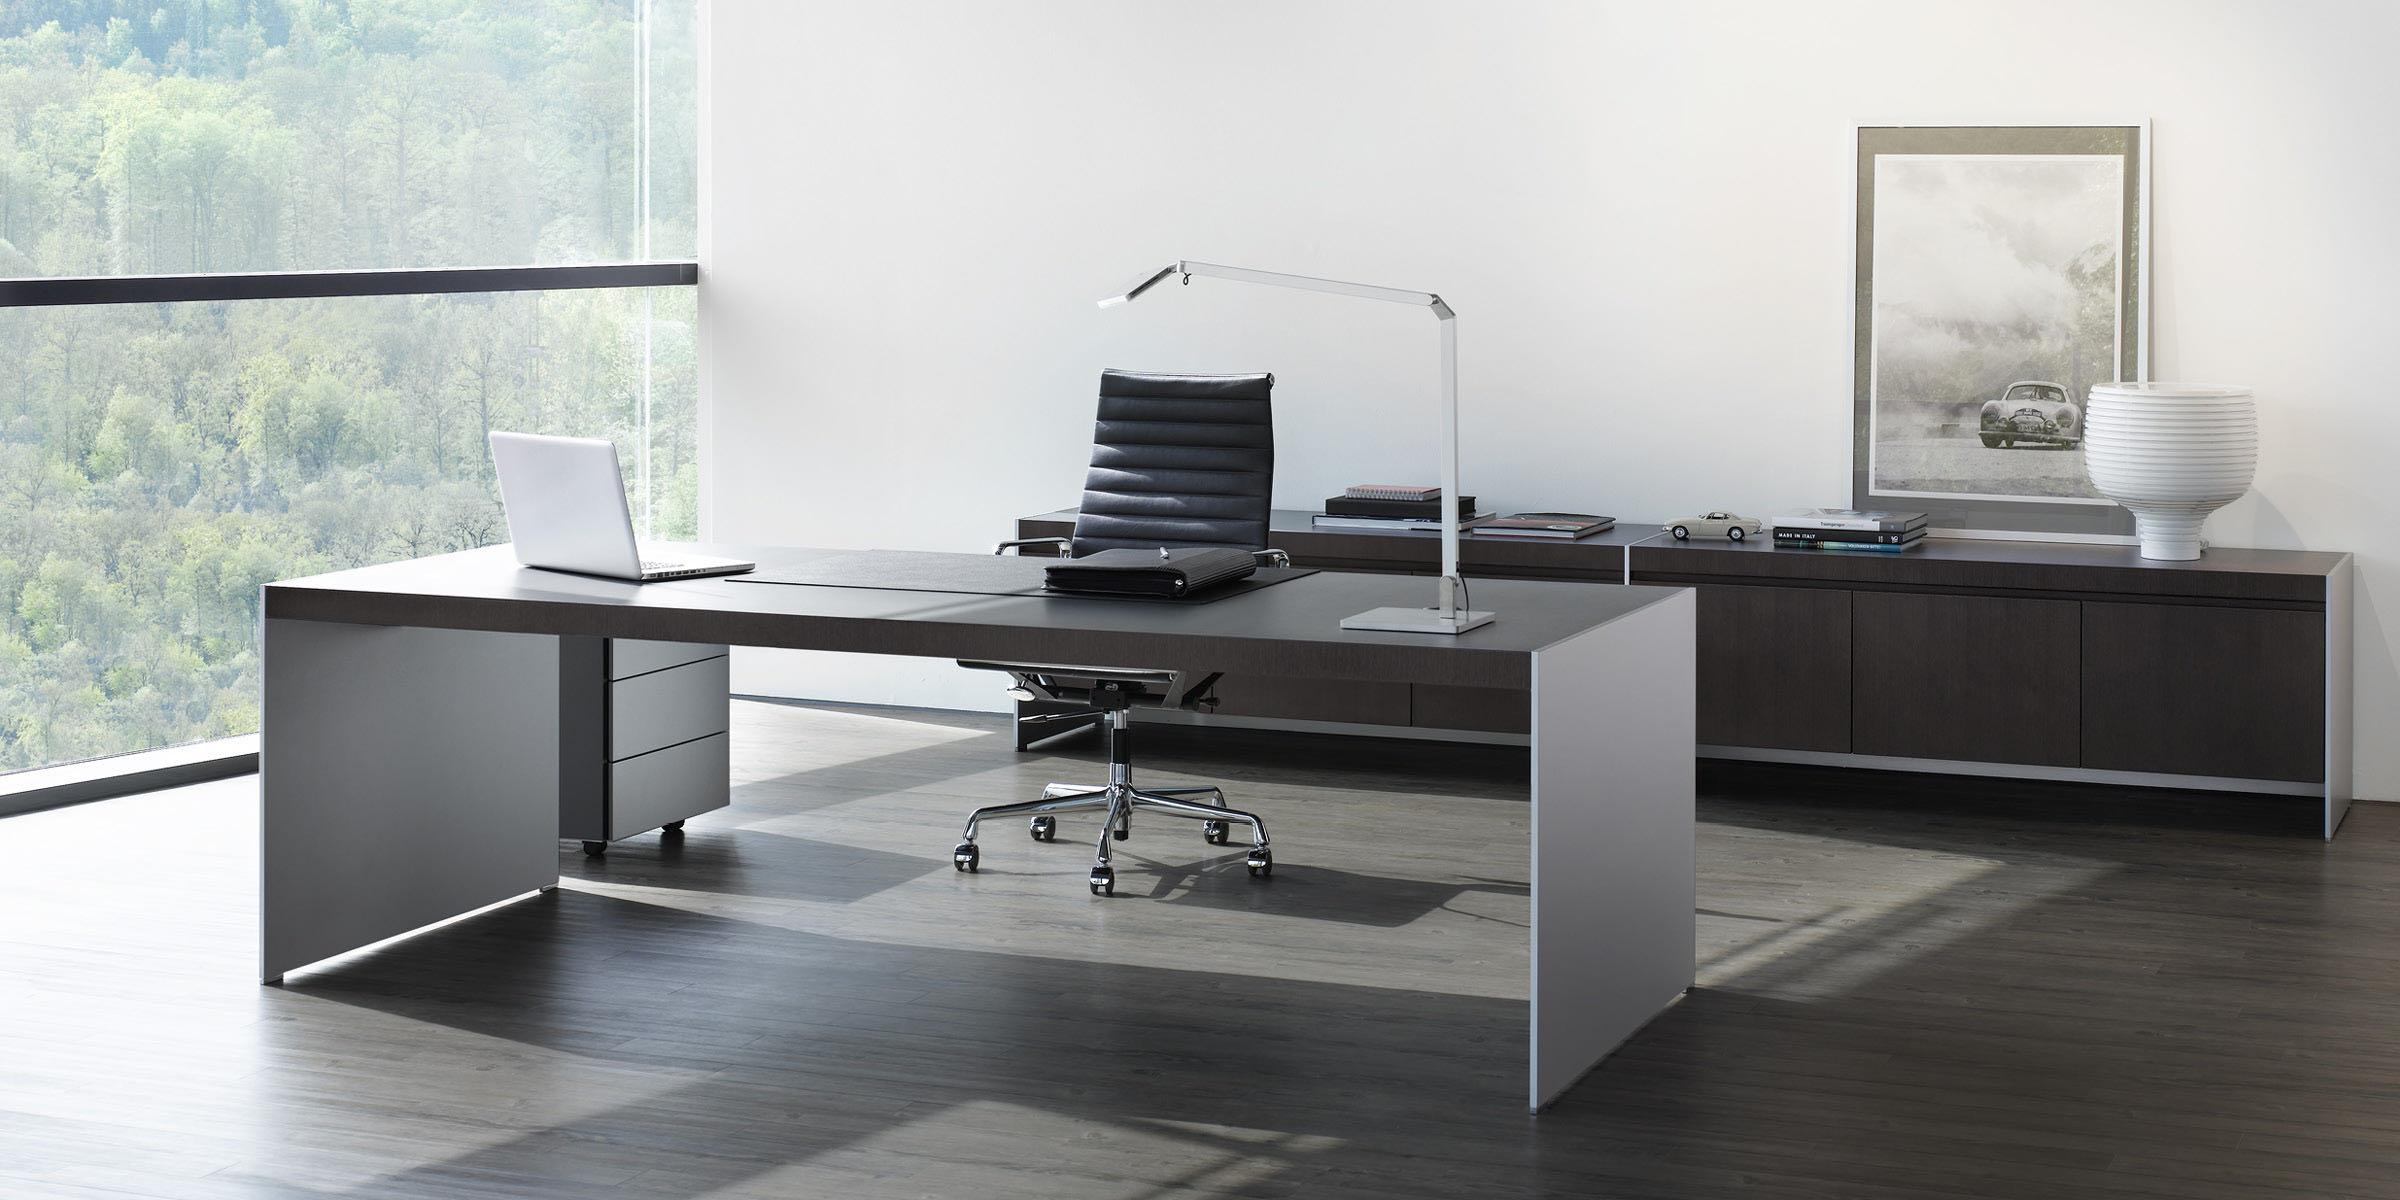 managementprogramm size blaha buero office aufbewahrung elegant akten stauraum